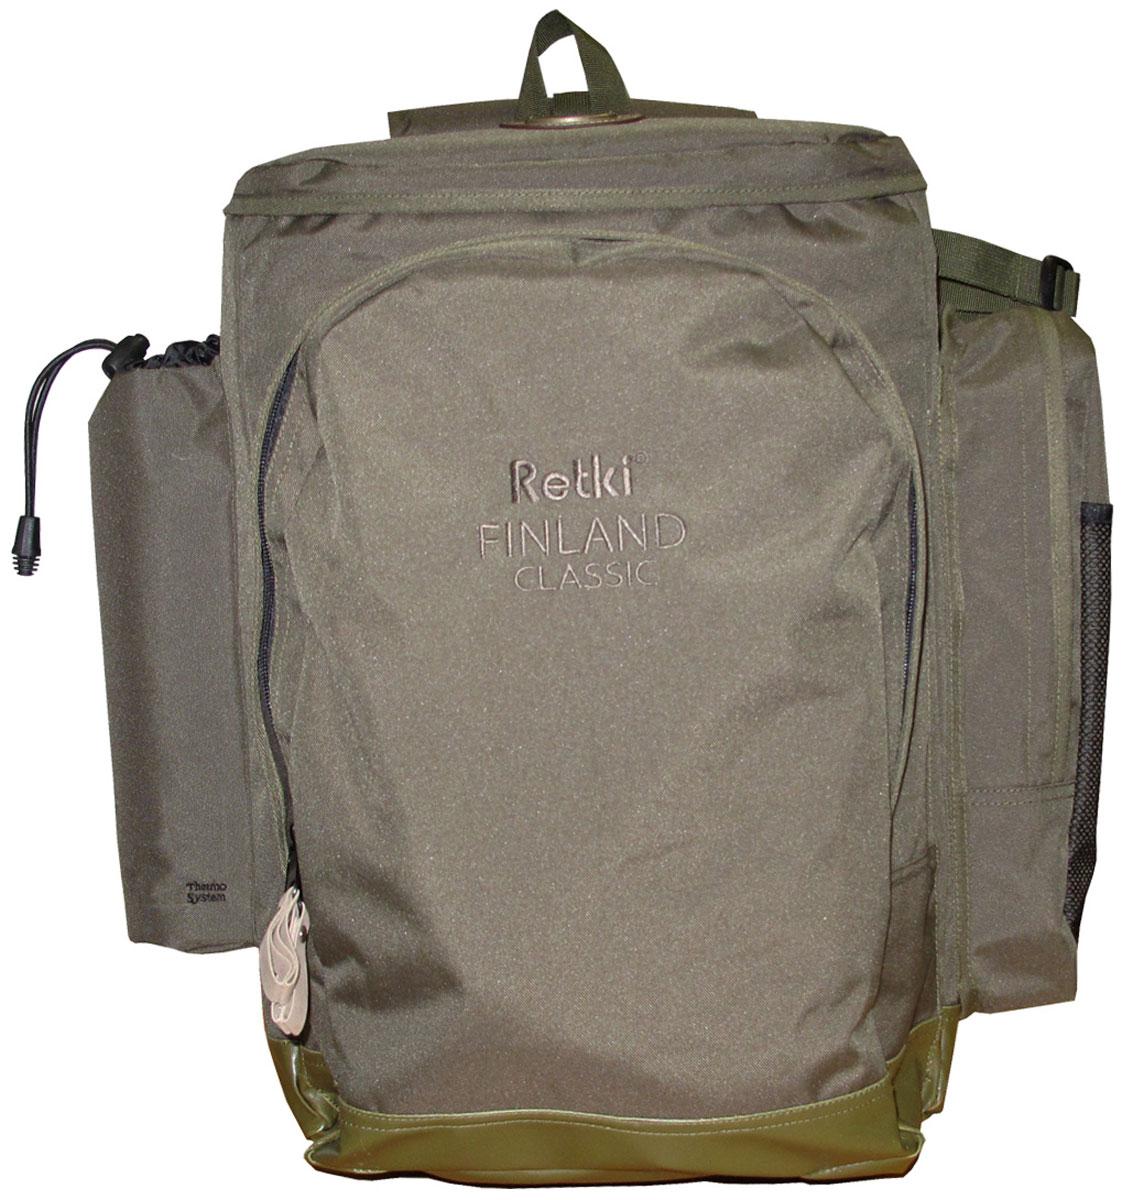 Рюкзак Retki Finland Classic, цвет: оливковый, объем 40 л2636Самый прочный многофункциональный рюкзак со встроенным стульчиком. Стул складной без спинки с рюкзаком и плечевыми ремнями, в сложенном состоянии представляет из себя рюкзак на трубчатой стальной раме. У рюкзака дышащая и поддерживающая спинка , а так же устойчивый стульчик со смягченным сидением. Сбоку имеется теплоизоляционный карман для фляжки, а на плечевой лямке – отделение для мобильного телефона. Так же много функциональных отделений, в т.ч. для блесен, походного топорика и сухого пайка. Передний карман сконструирован для походной горелки. На поясе располагается карман для патронов. Брызгонепроницаемые замки-молнии, а так же водонепроницаемое дно. Характеристики:Материал: полиэстер Ripstop, пластик, металл. Размер рюкзака: 52 см x 38 см x 15 см. Объем рюкзака: 40 л. Цвет: оливковый. Размер упаковки: 59 см х 41 см х 10 см. Артикул: 2636.